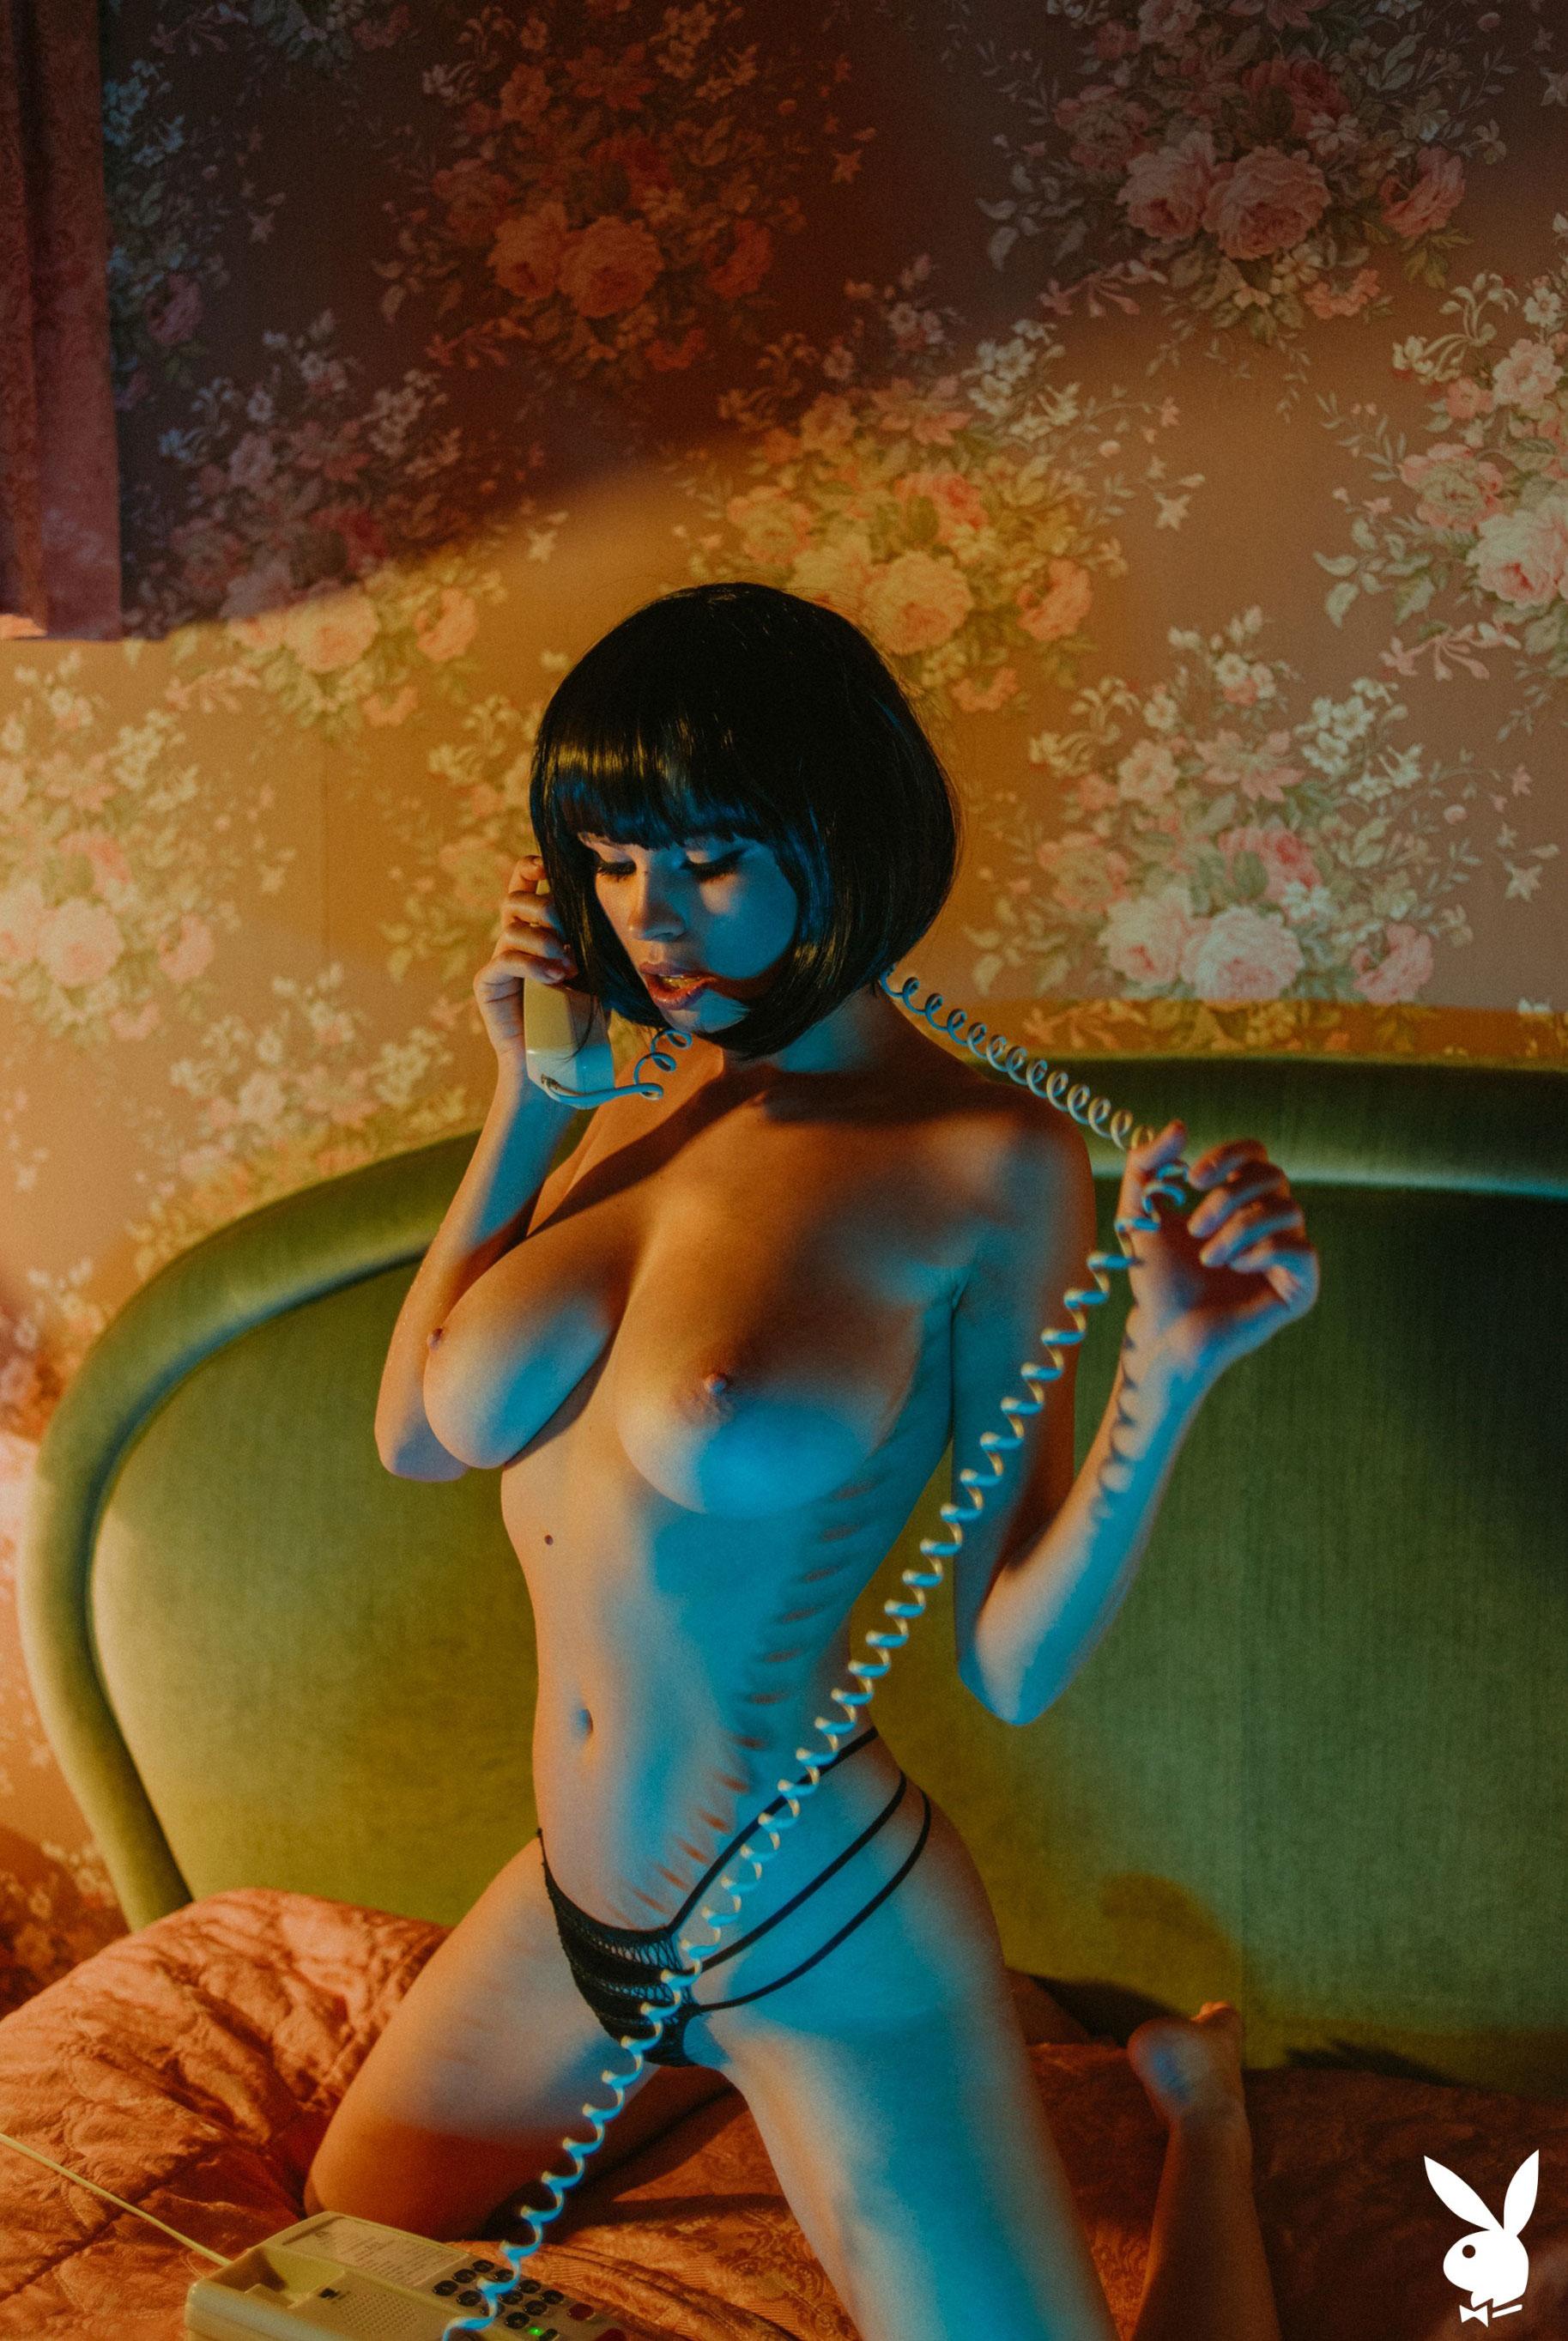 шпионская история / Юлия Логачева в гостиничном номере в Лос-Анджелесе / фото 06